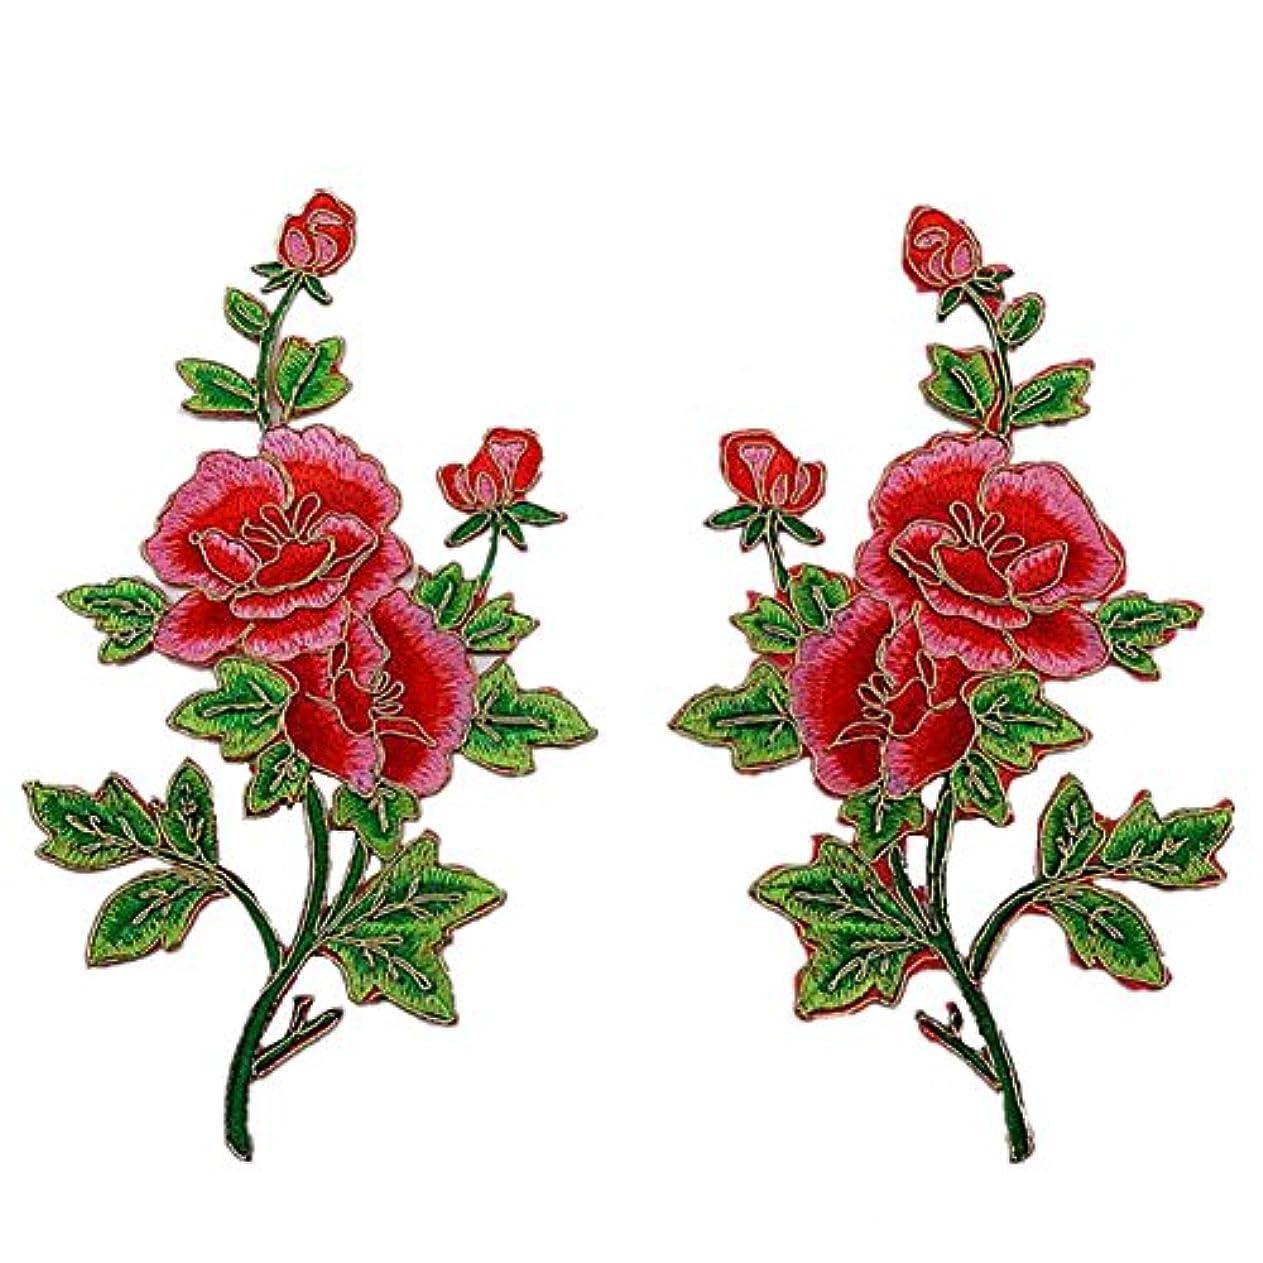 もっと社会学困惑2枚 牡丹 薔薇の花 金のトリミング 刺繍アイロンアップリケワッペン (Red) [並行輸入品]